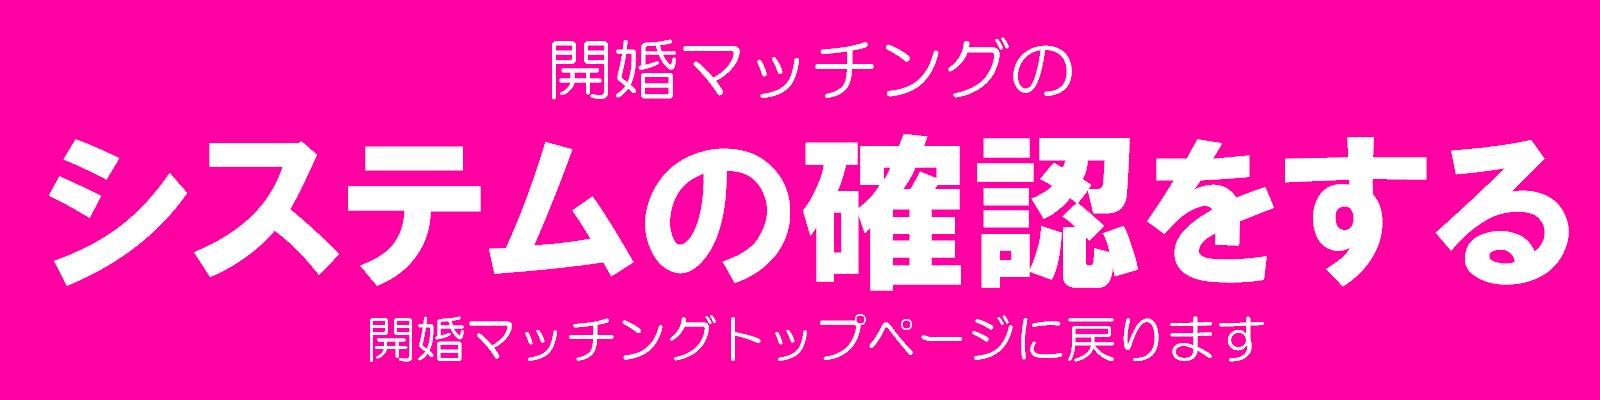 婚活東京なら開婚マッチングのトップページに戻る!只今「婚活占い15分無料ご招待」実施中です。結婚相談所や婚活パーティーで成果が出なかった方も、お気軽にお申込みくださいませ!